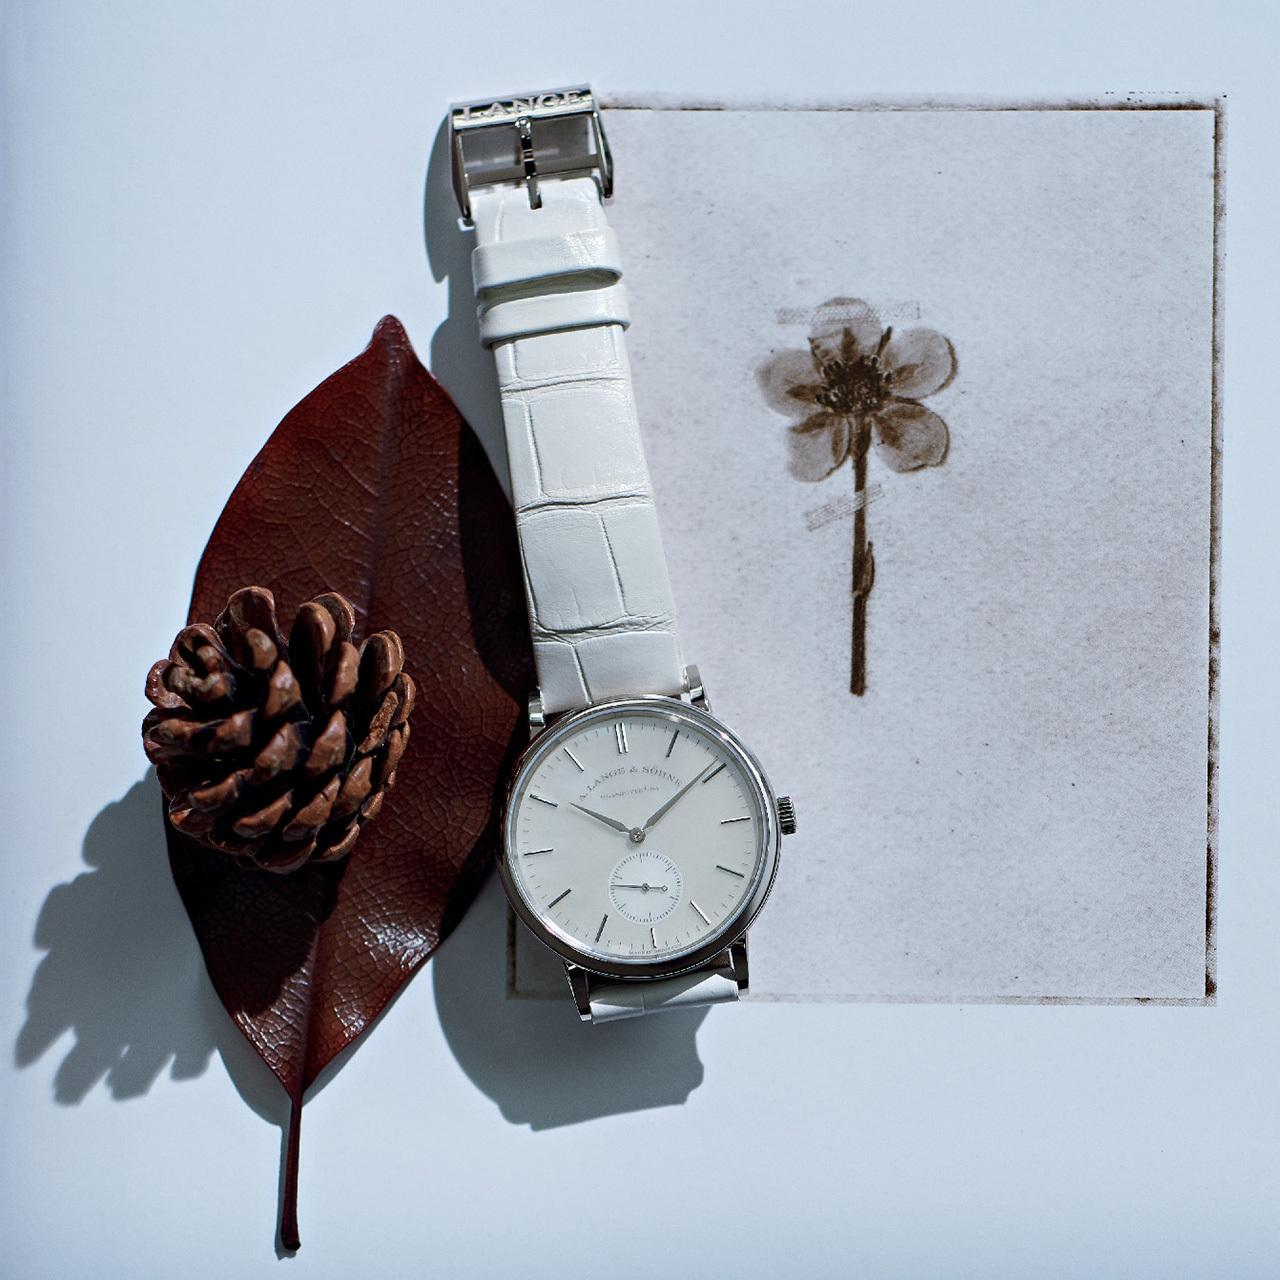 大人の女性にピッタリの時計 photo gallery_1_1-7